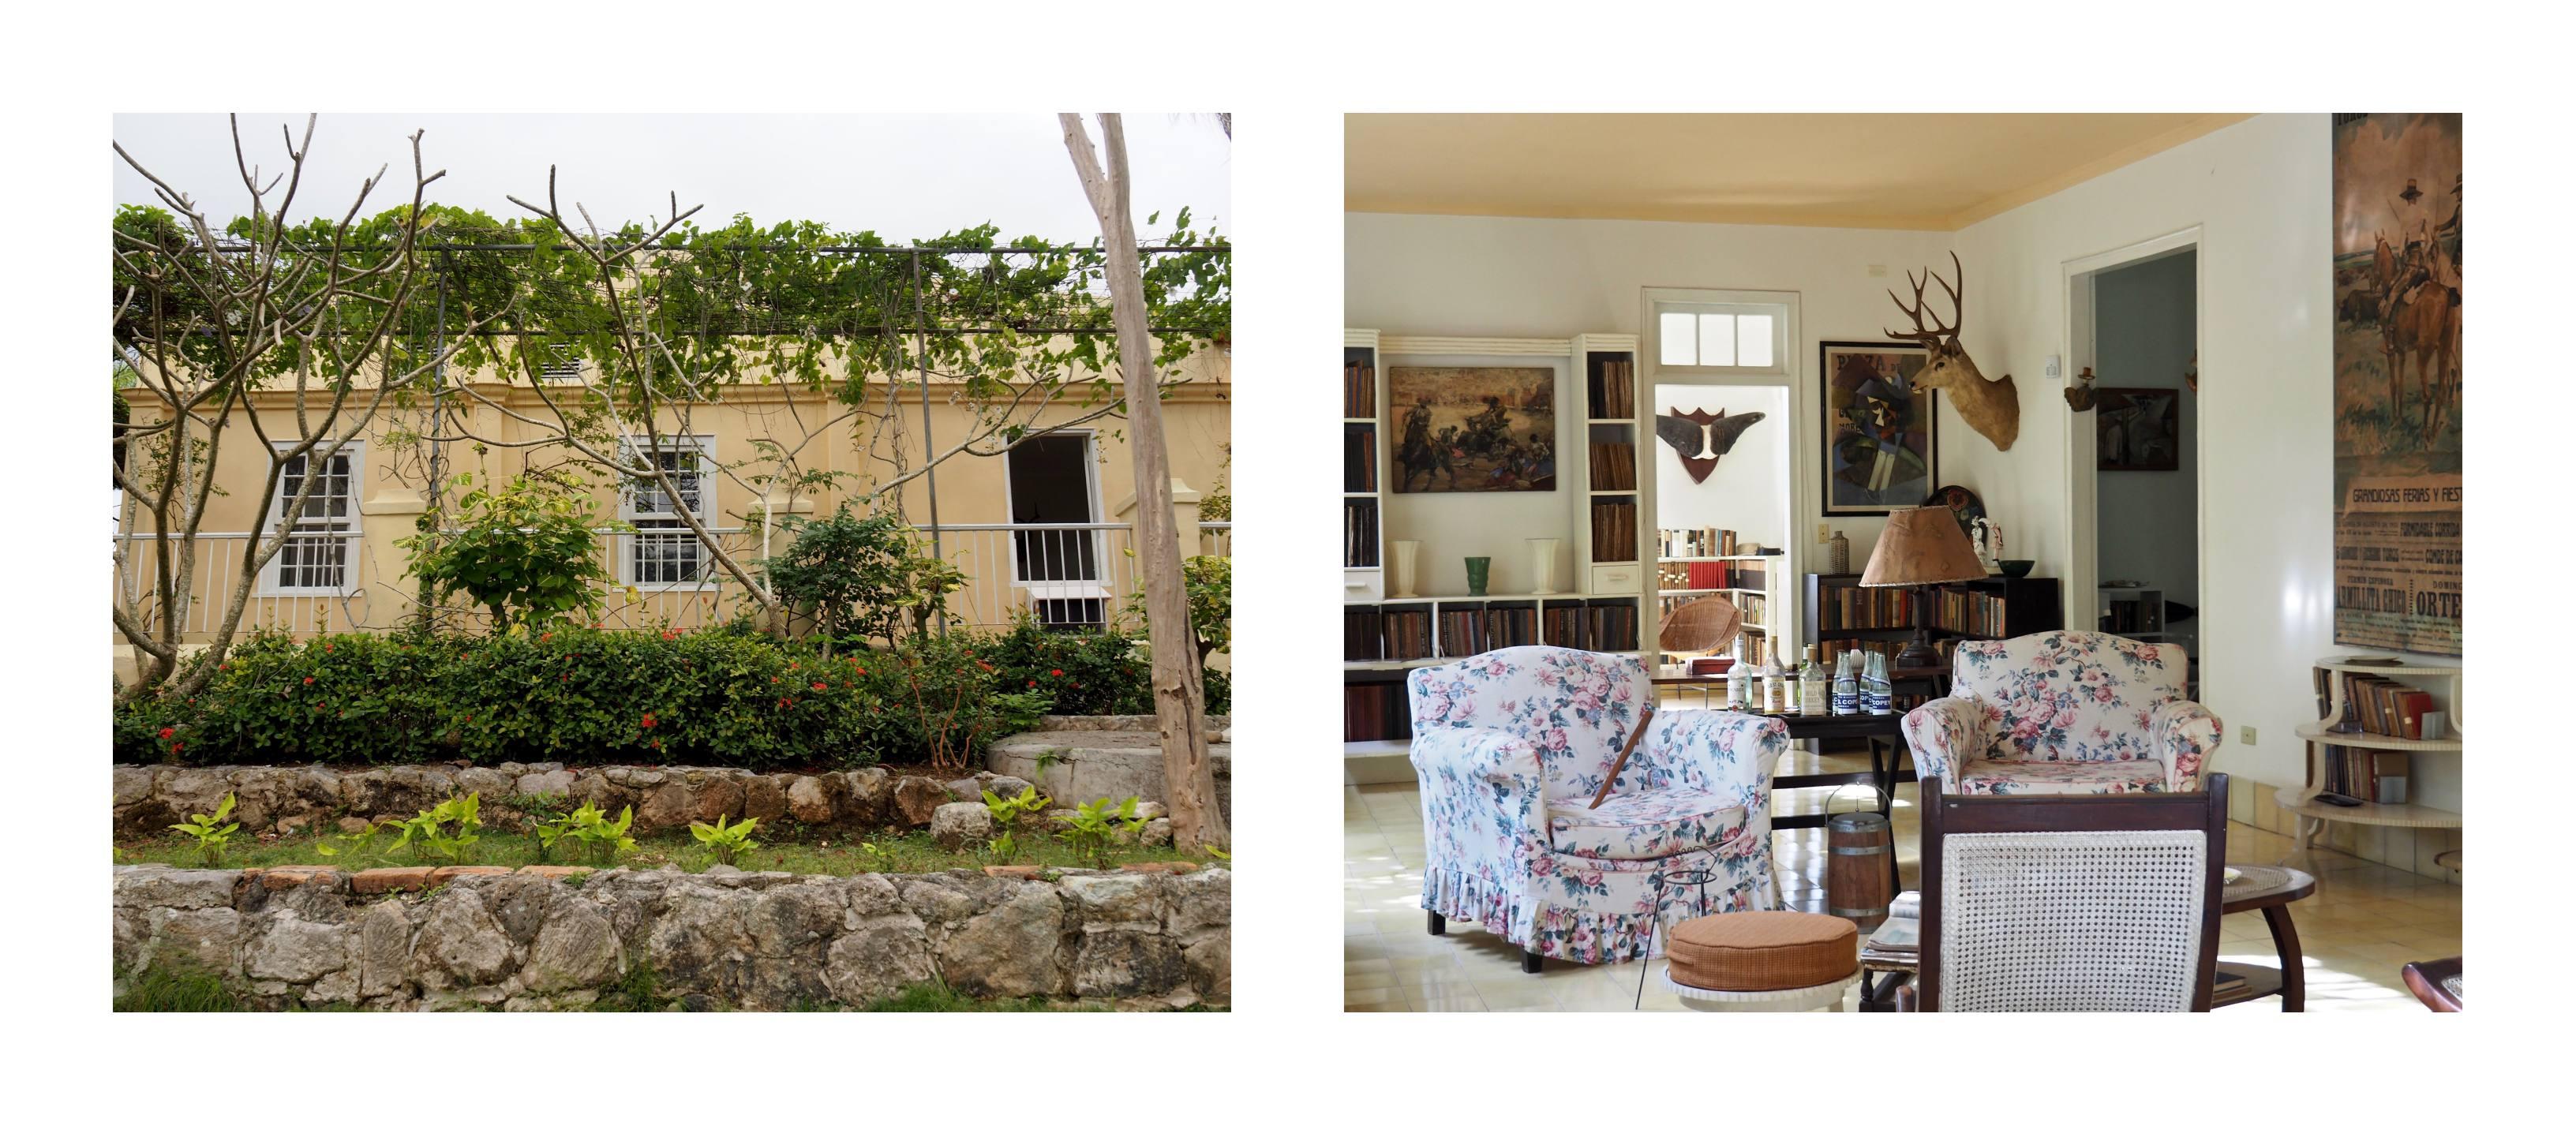 3 jours à la Havane - Finca Vigia - Le salon d'Hémingway